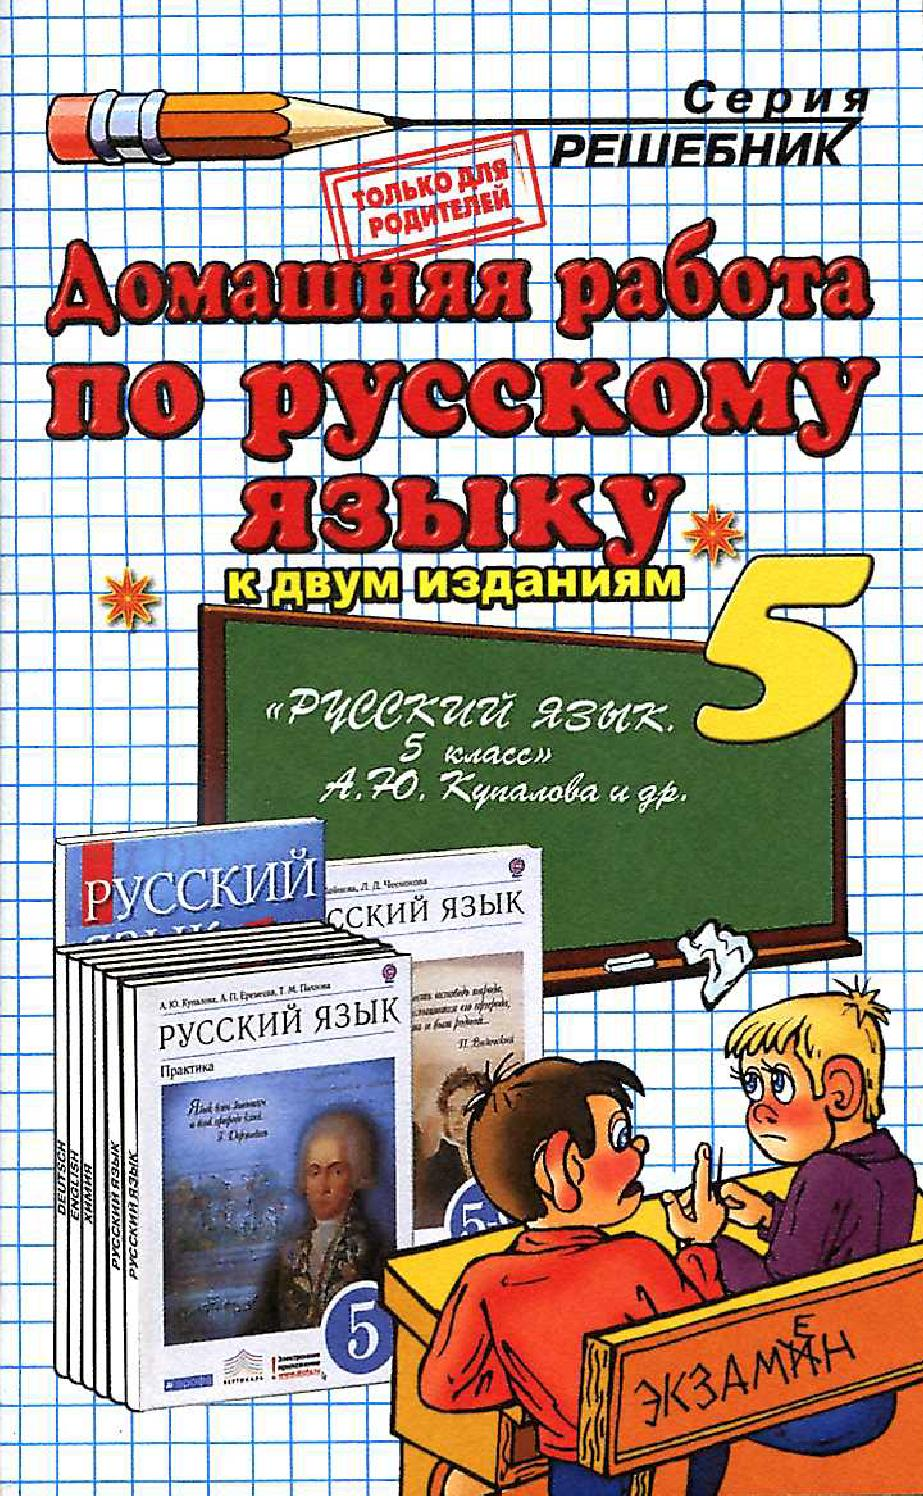 Гдз за 7 класс по русскому языку по новому учебнику